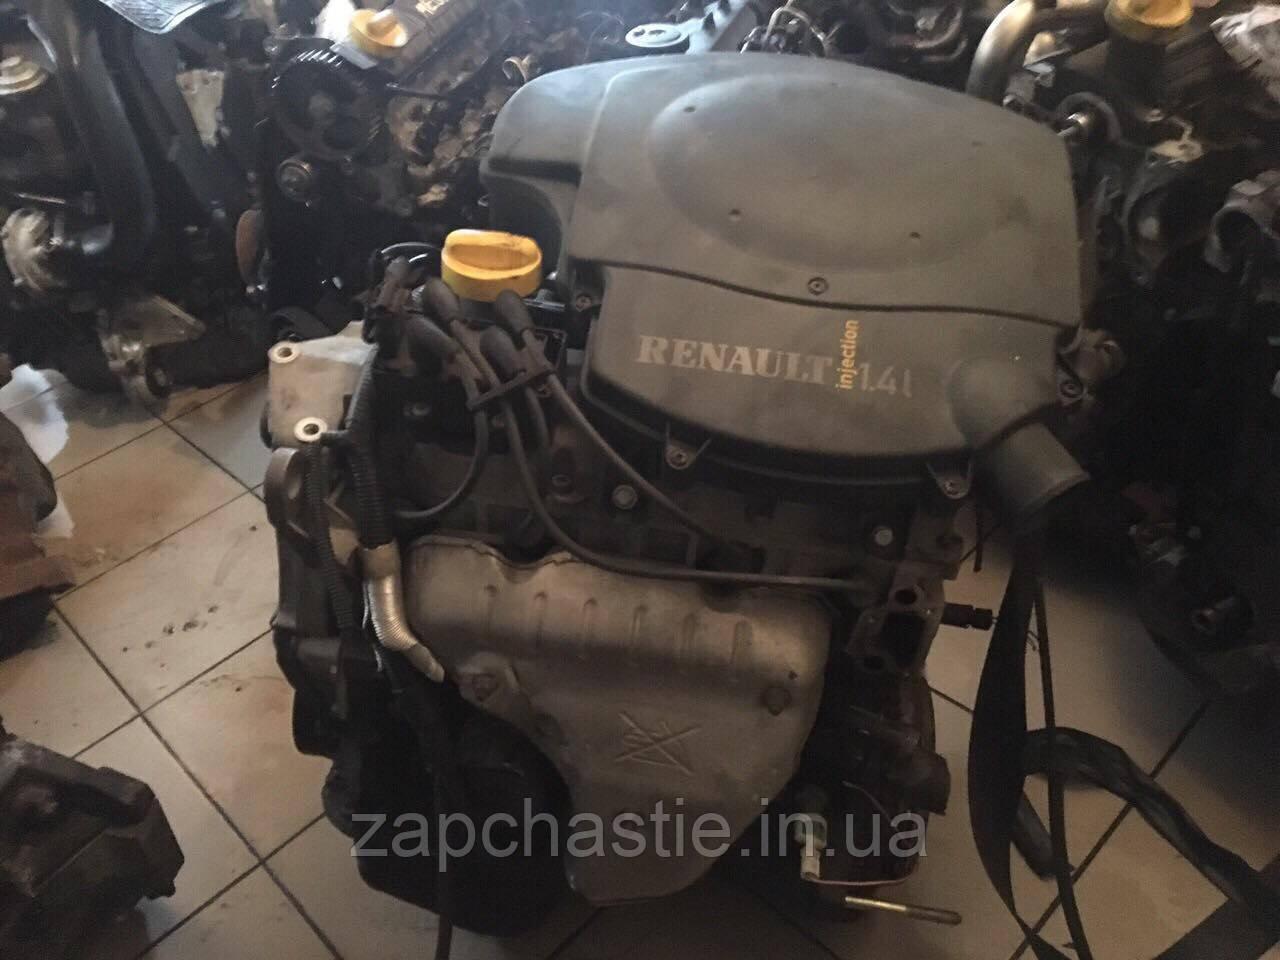 Двигун Рено Кенго 1.4 б E7J 8V